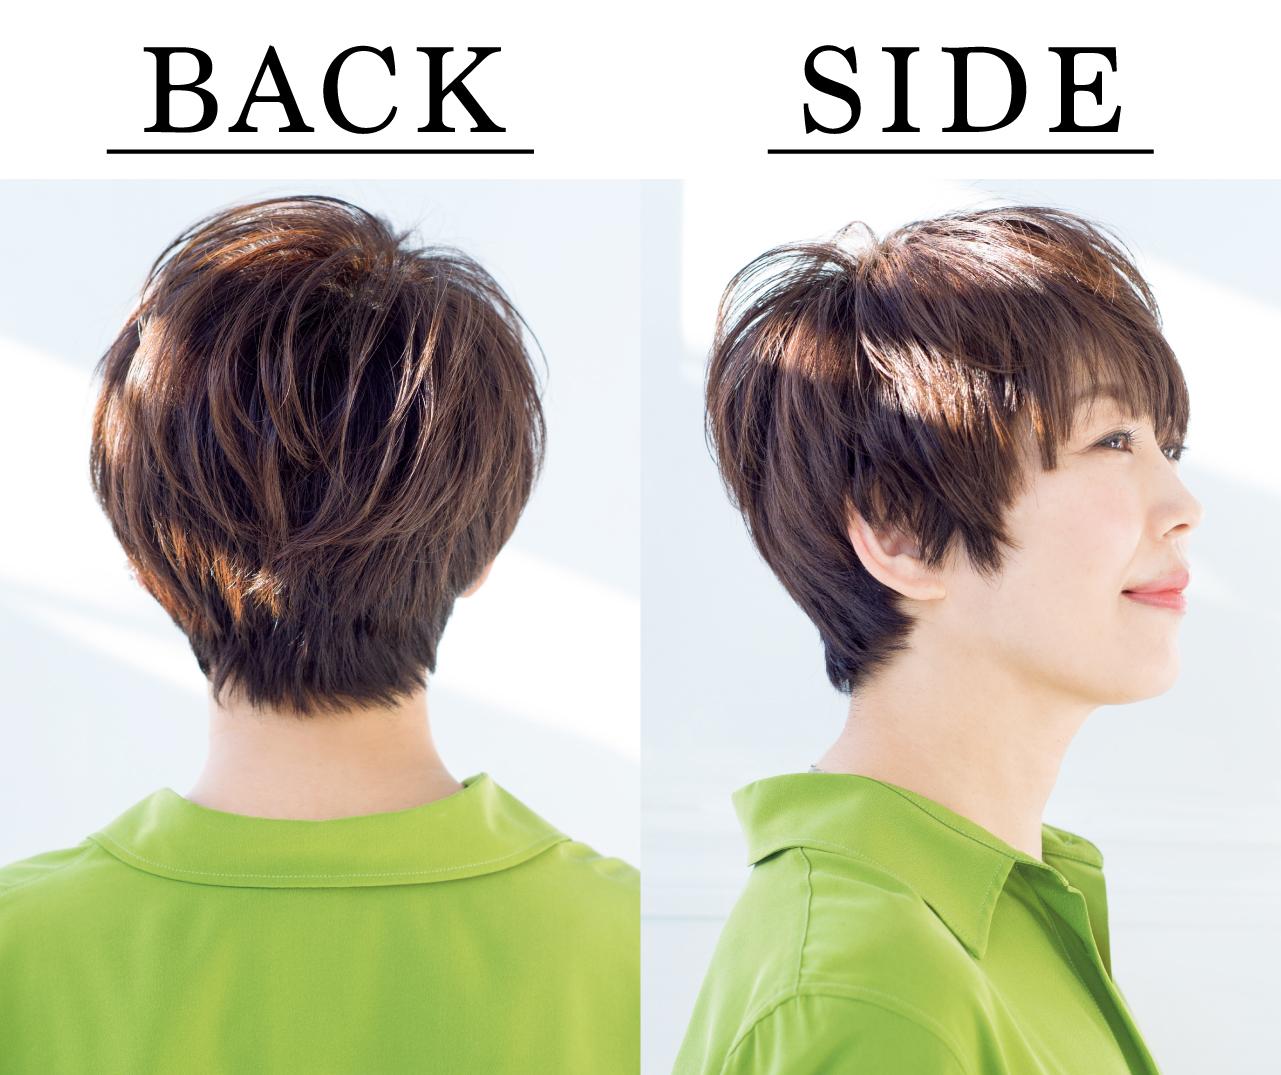 椿原順子さん Side Back